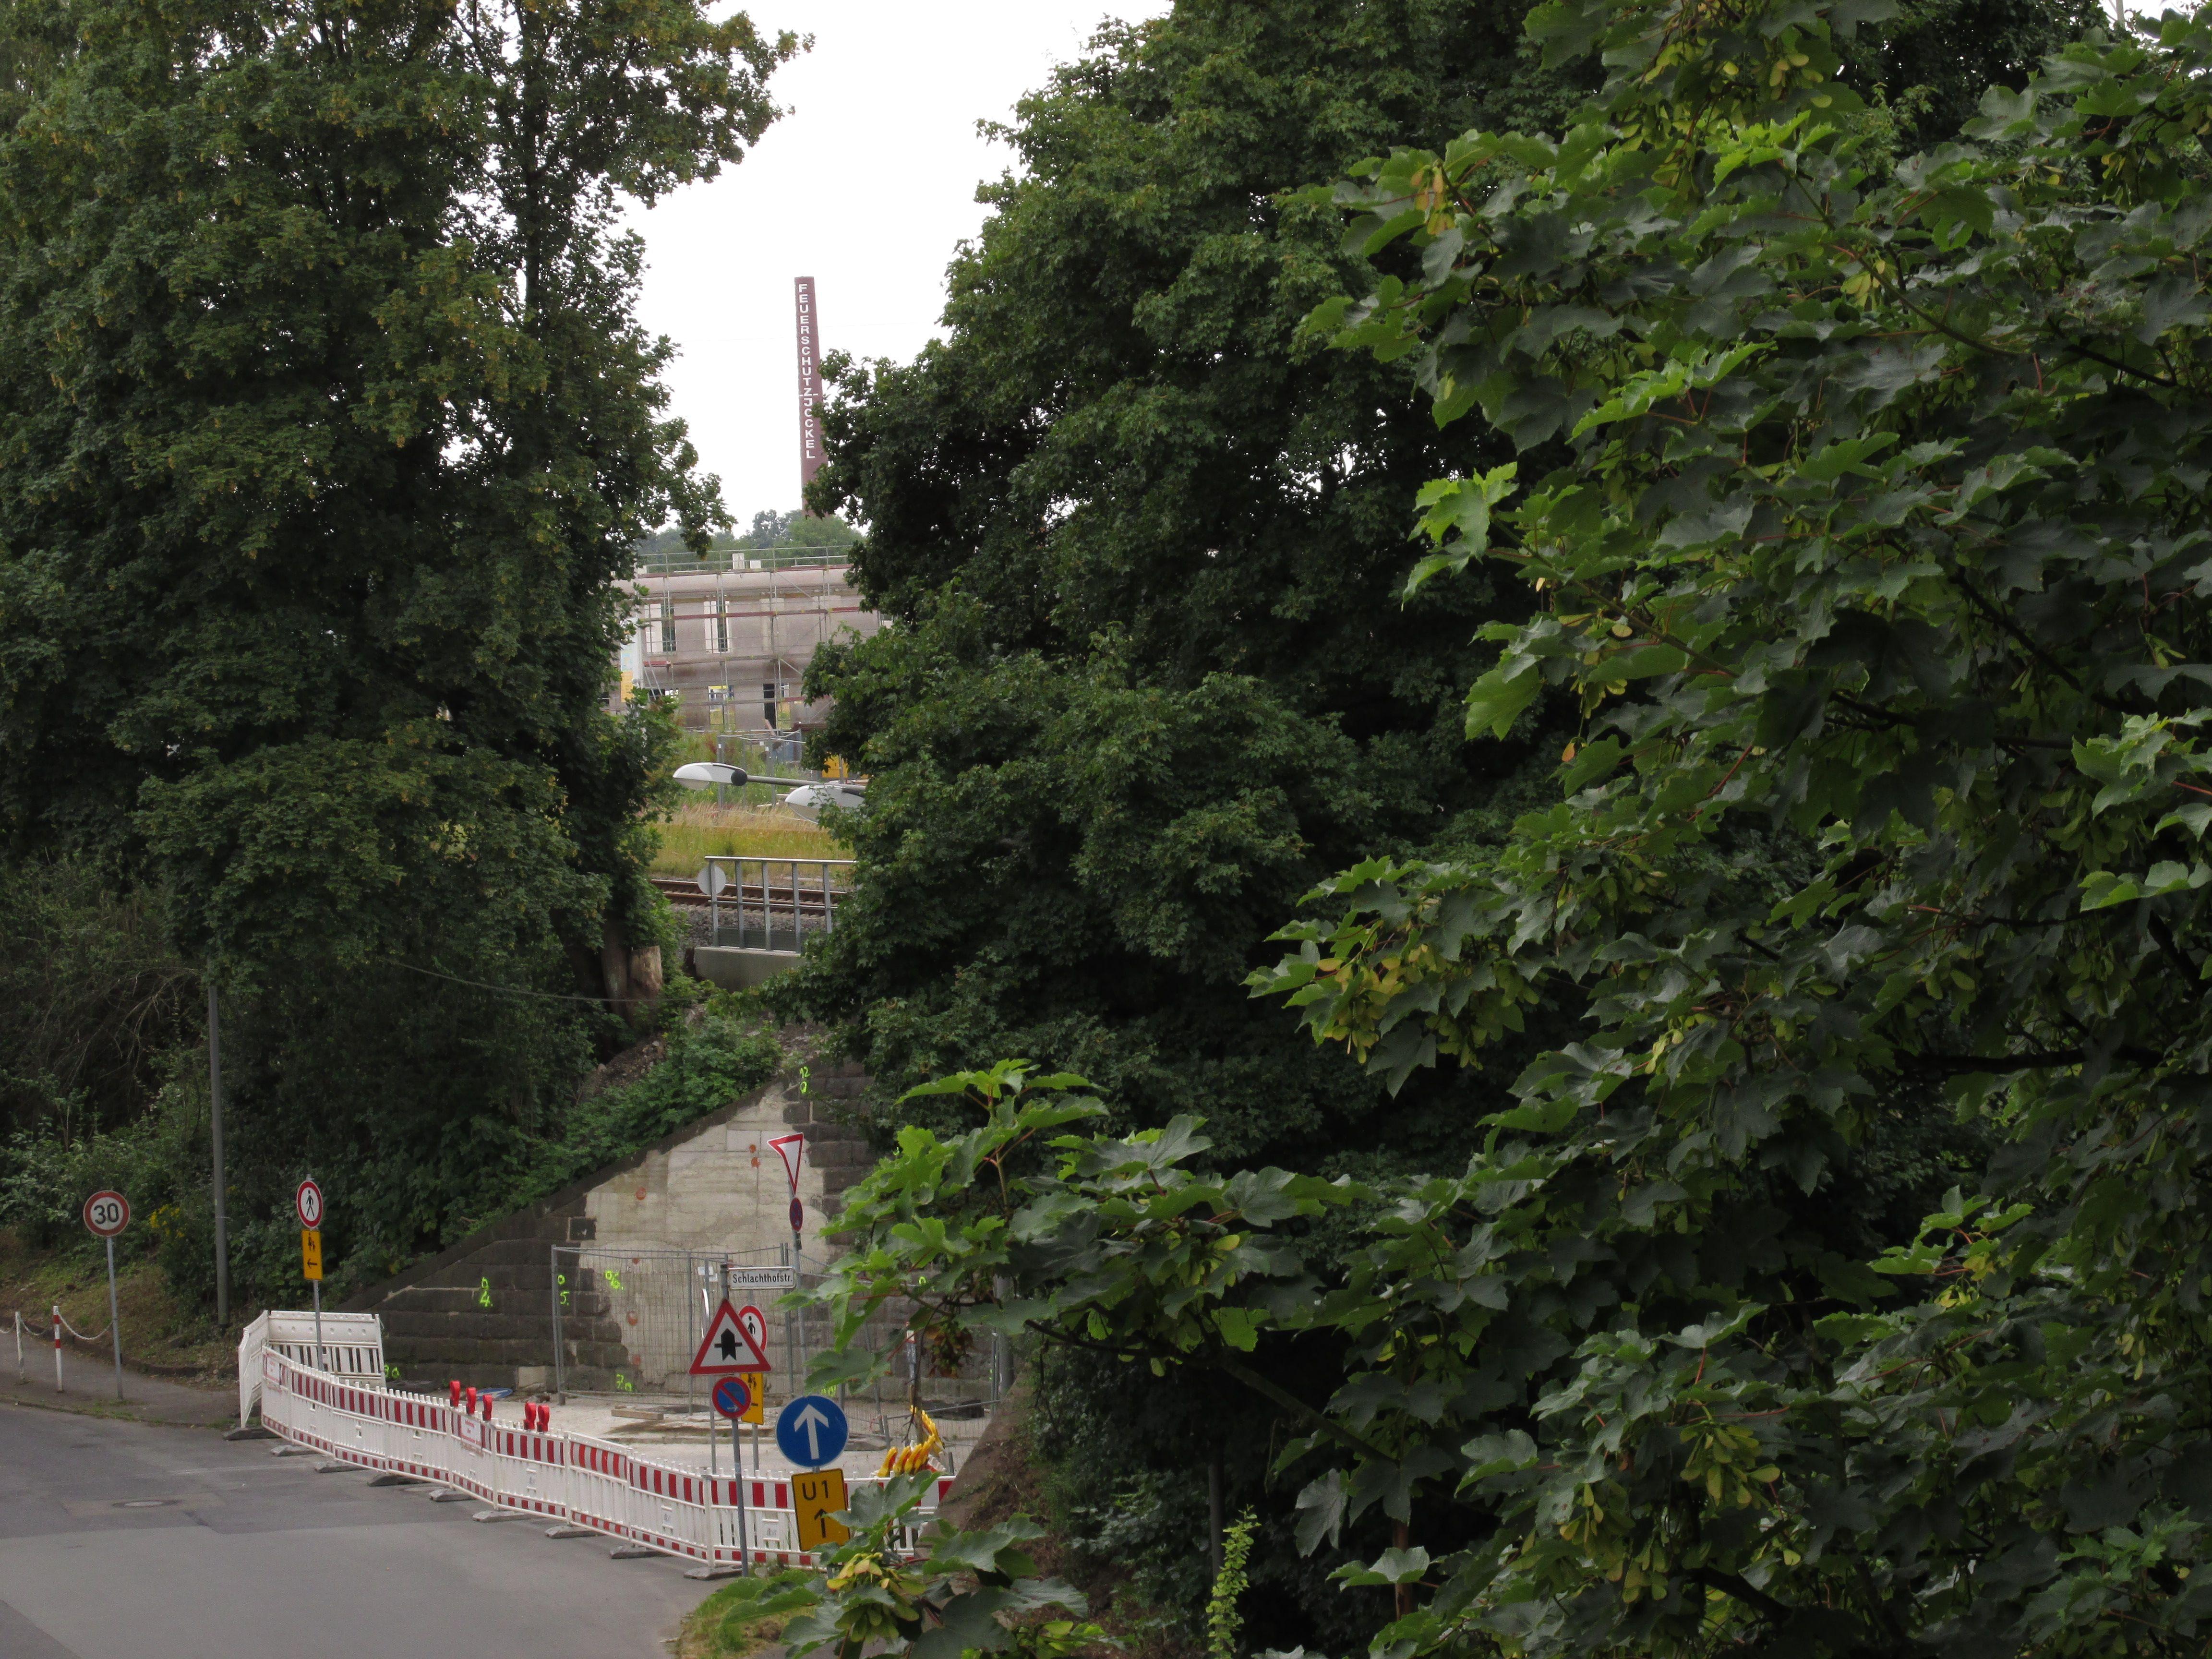 Blick durch die Bäume auf den Bahnhof